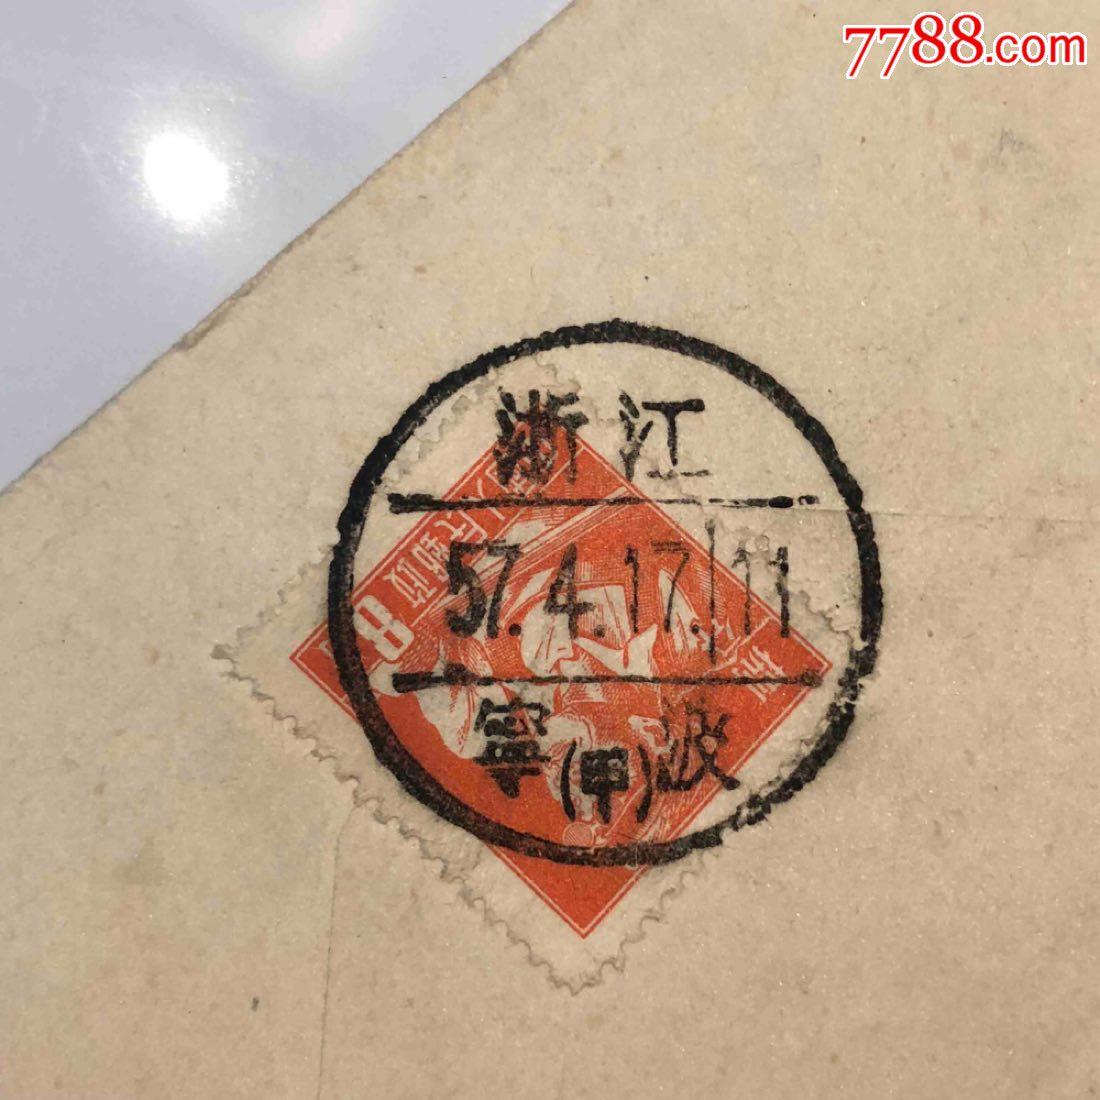 57年上海支30宁波甲邮戳贴8分邮票投递员一八、本店其它信封在拍_价格29元_第2张_